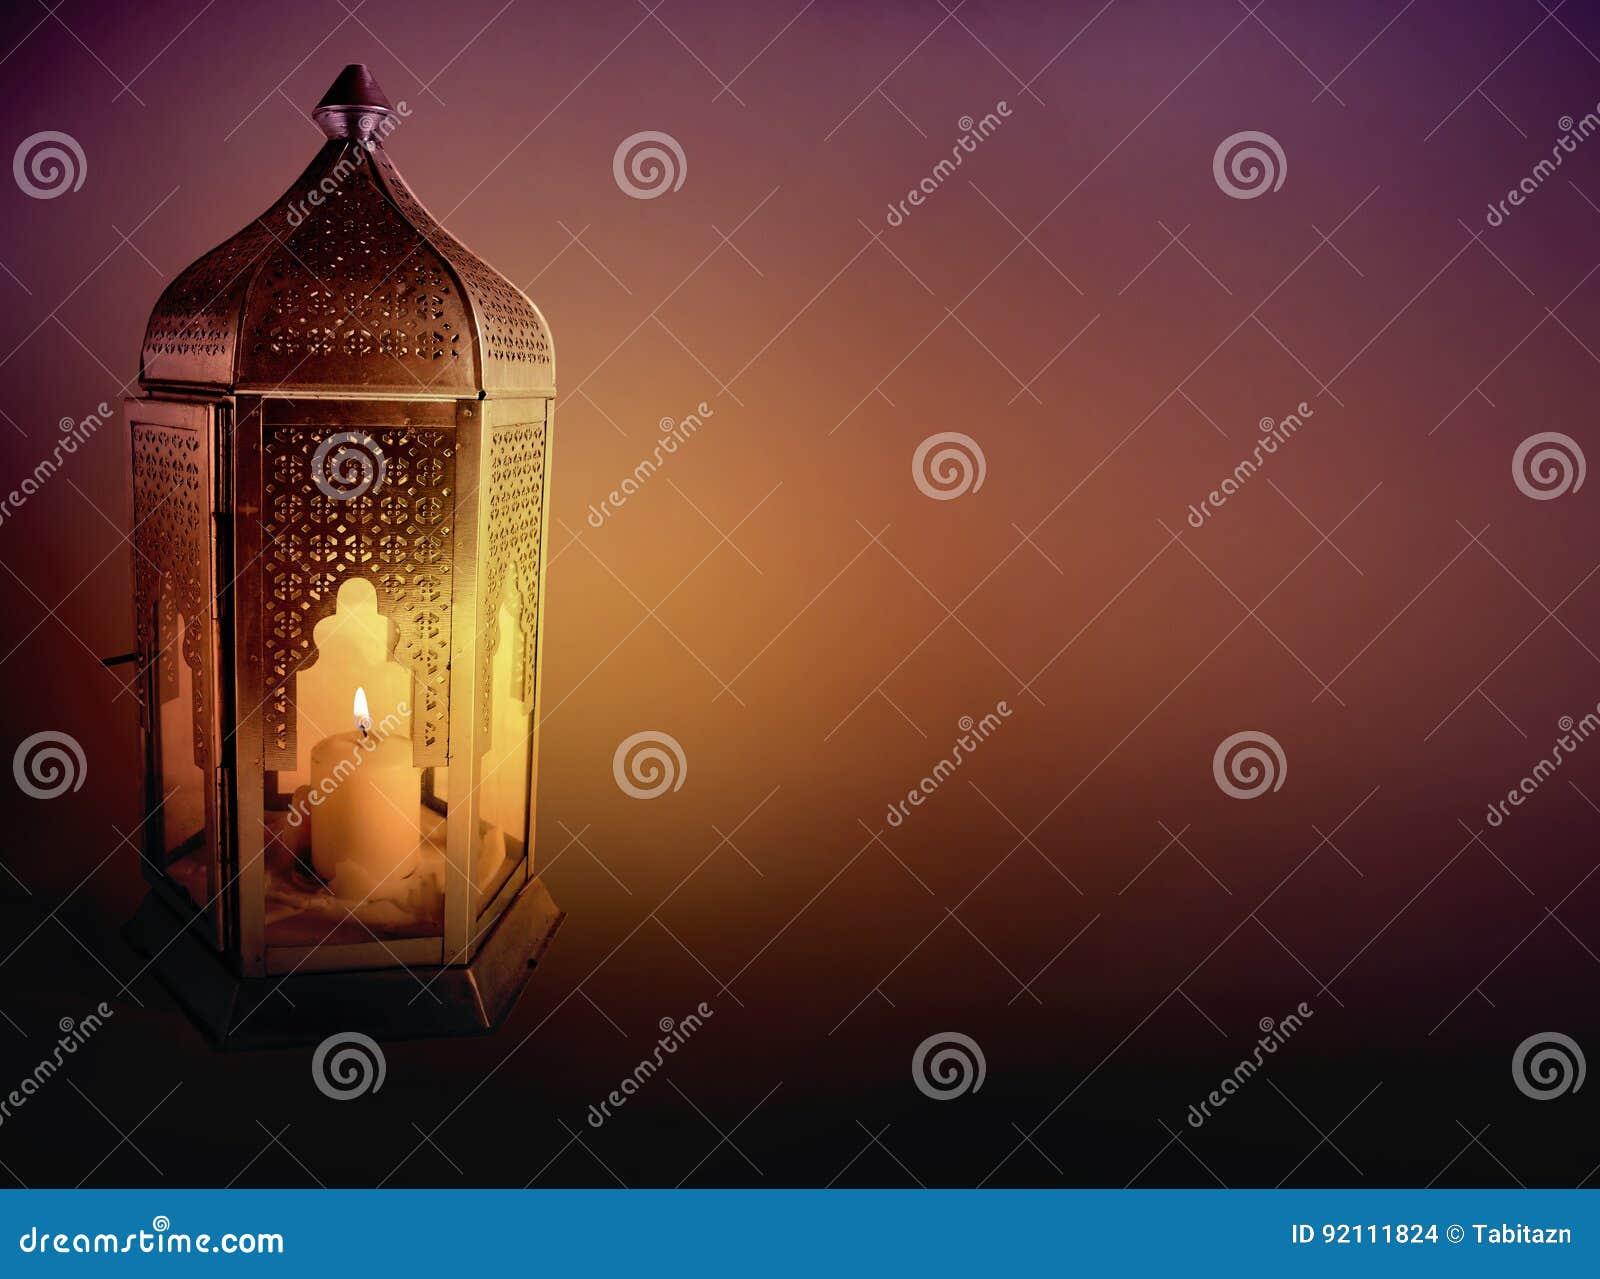 Sier arabische lantaarn met het branden van kaars die bij nacht gloeien groetkaart uitnodiging - Oostelijk licht ...